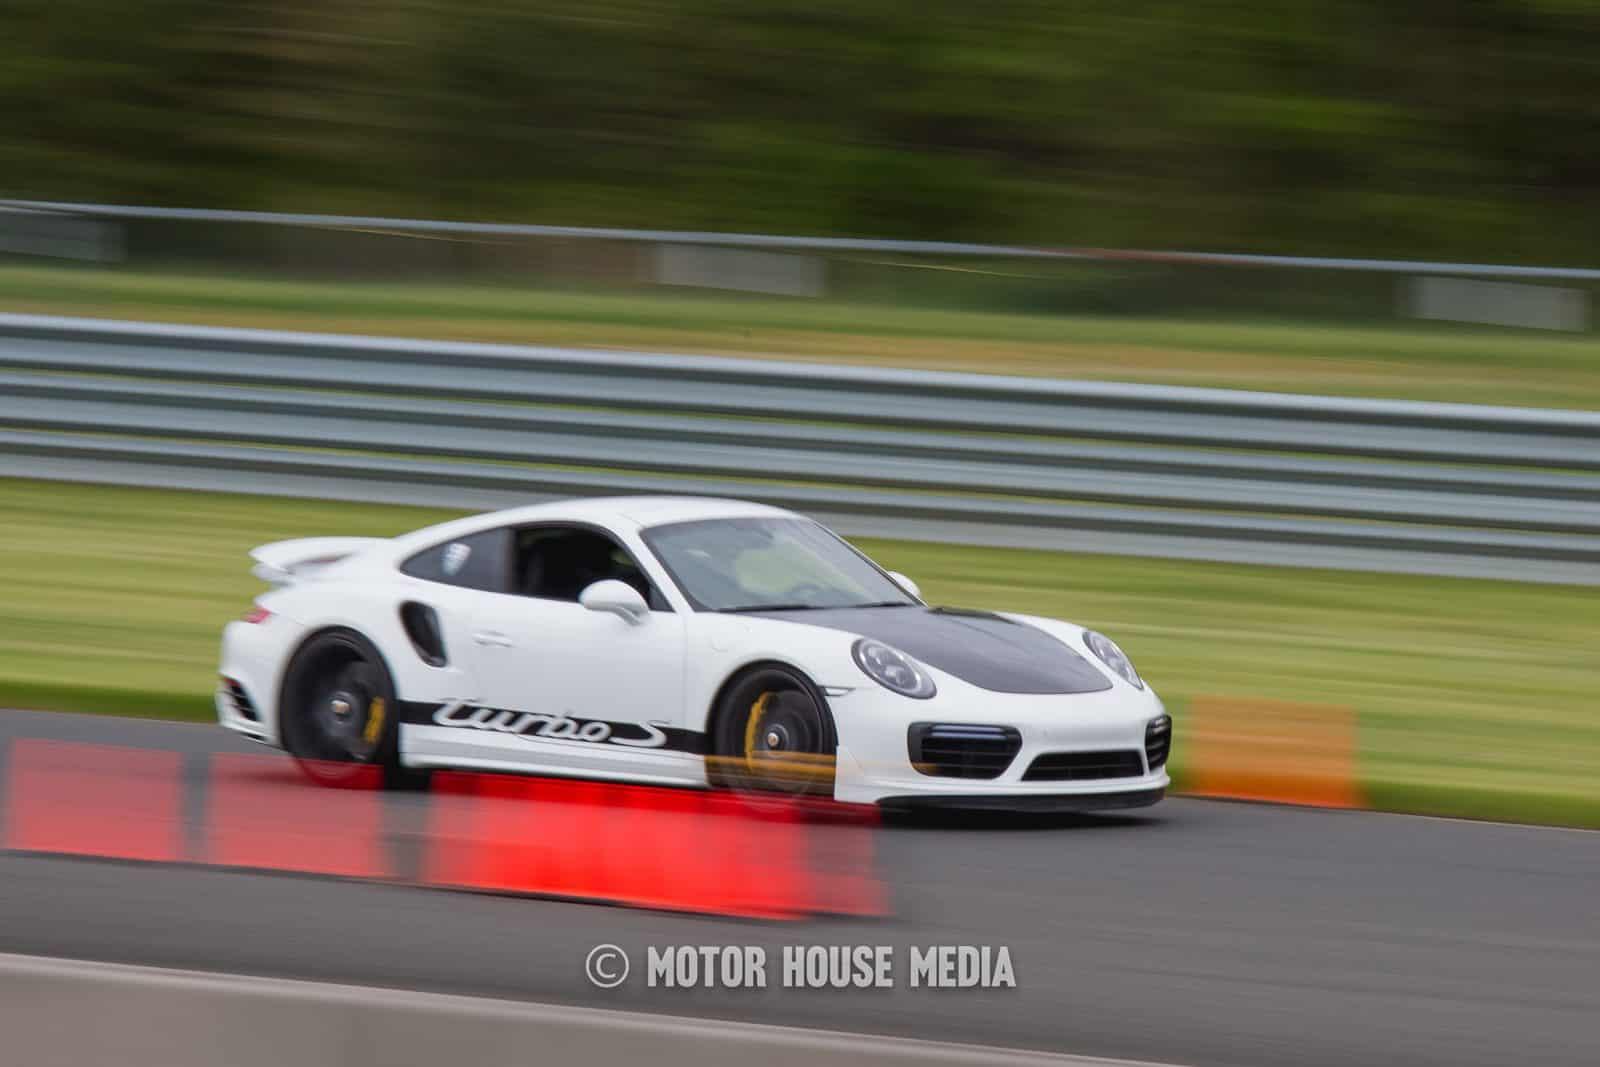 Porsche roll racing